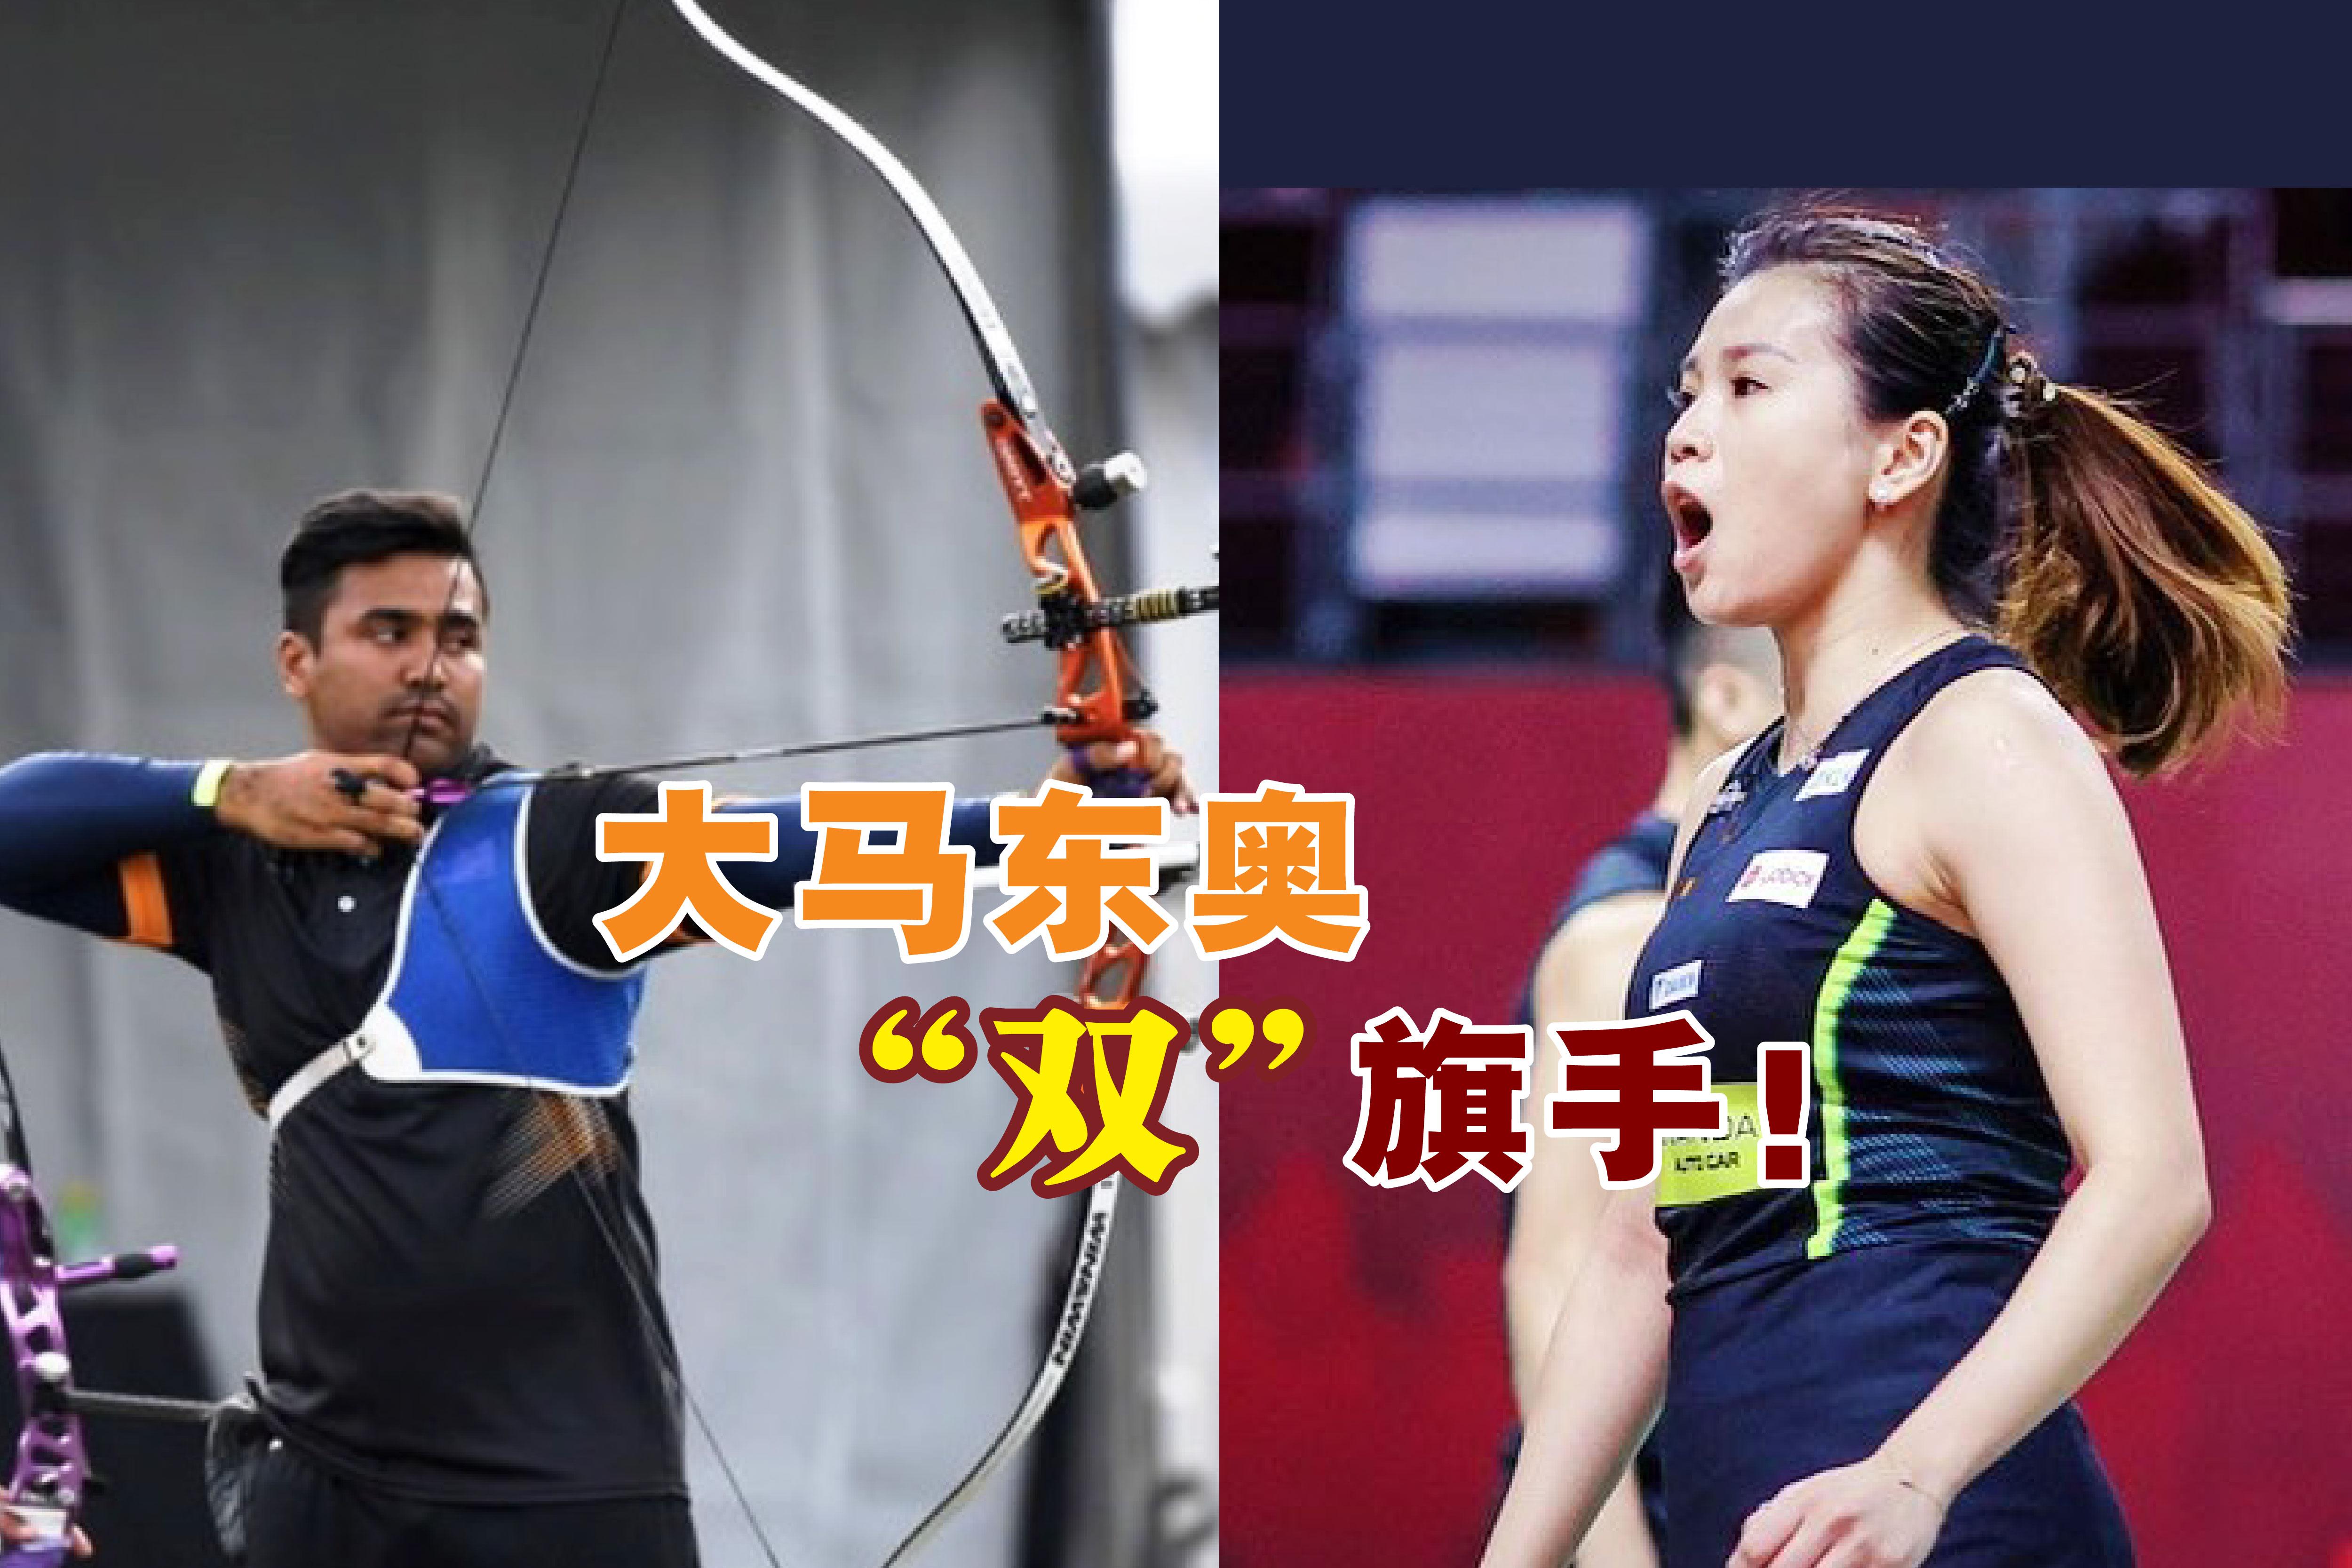 马奥理会打破传统,首次委任两名大马奥运代表团旗手,分别为凯鲁安努亚和吴柳莹。-马新社/精彩大马制图-